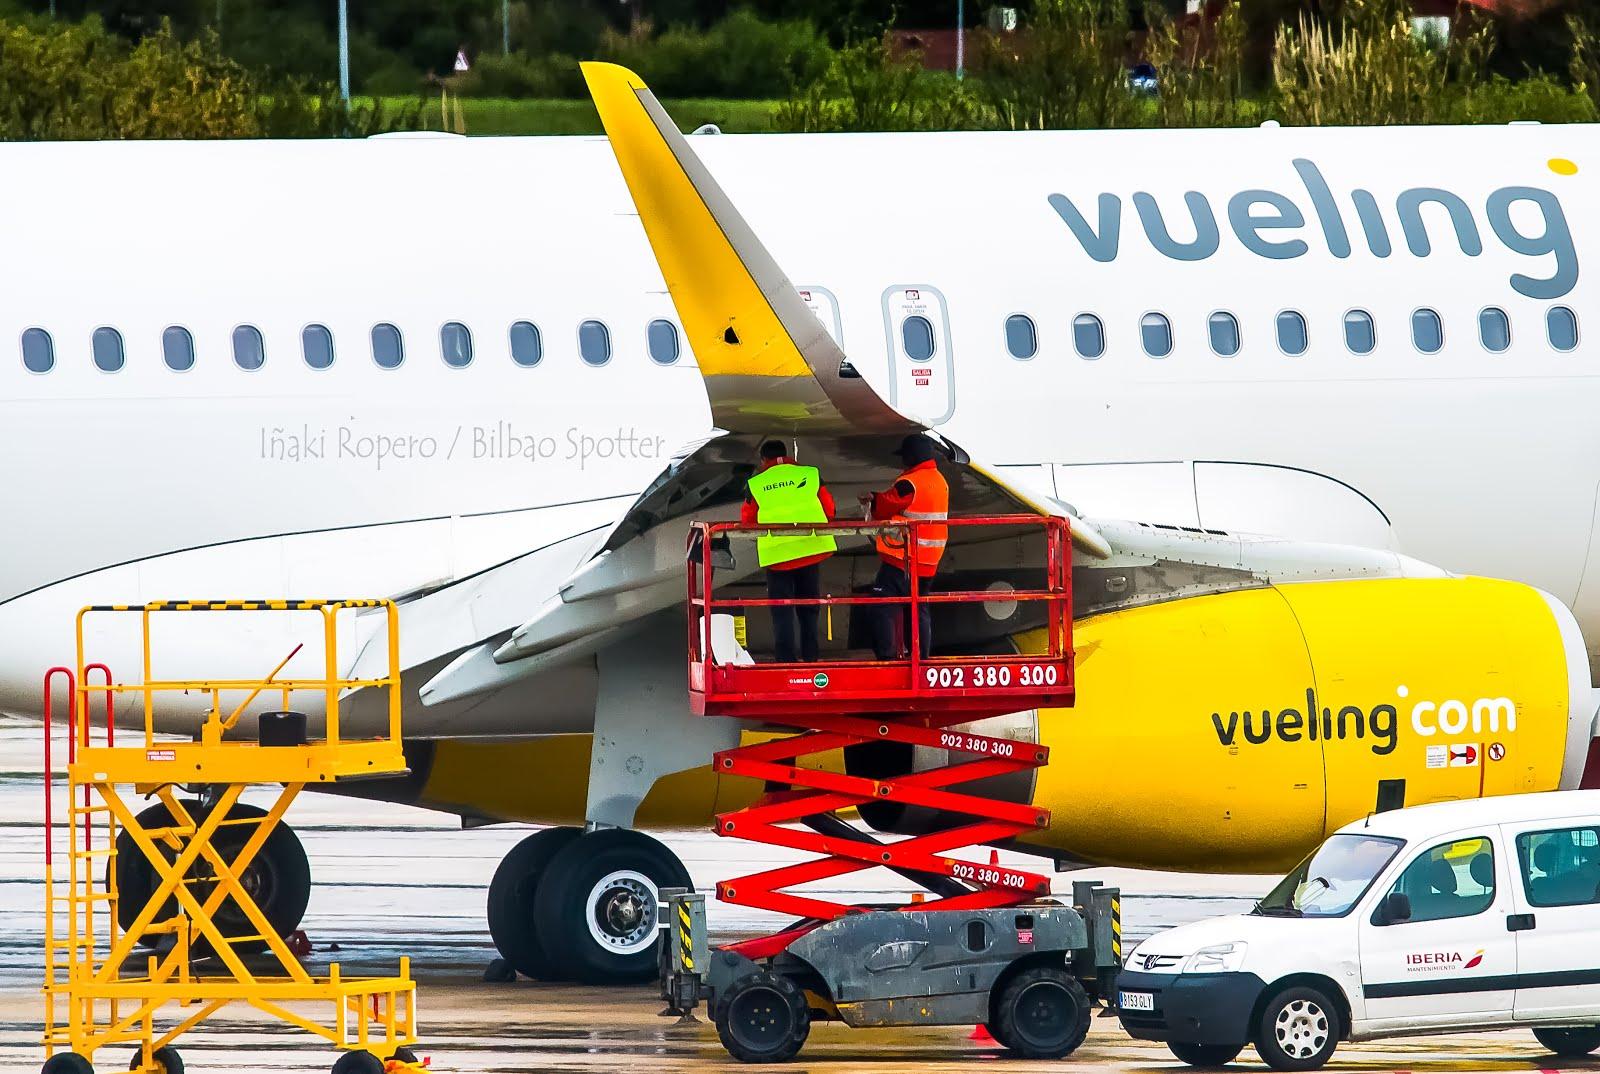 Rayo impacta contra el EC-MVD de Vueling y lo obliga a cambiar Sharklets